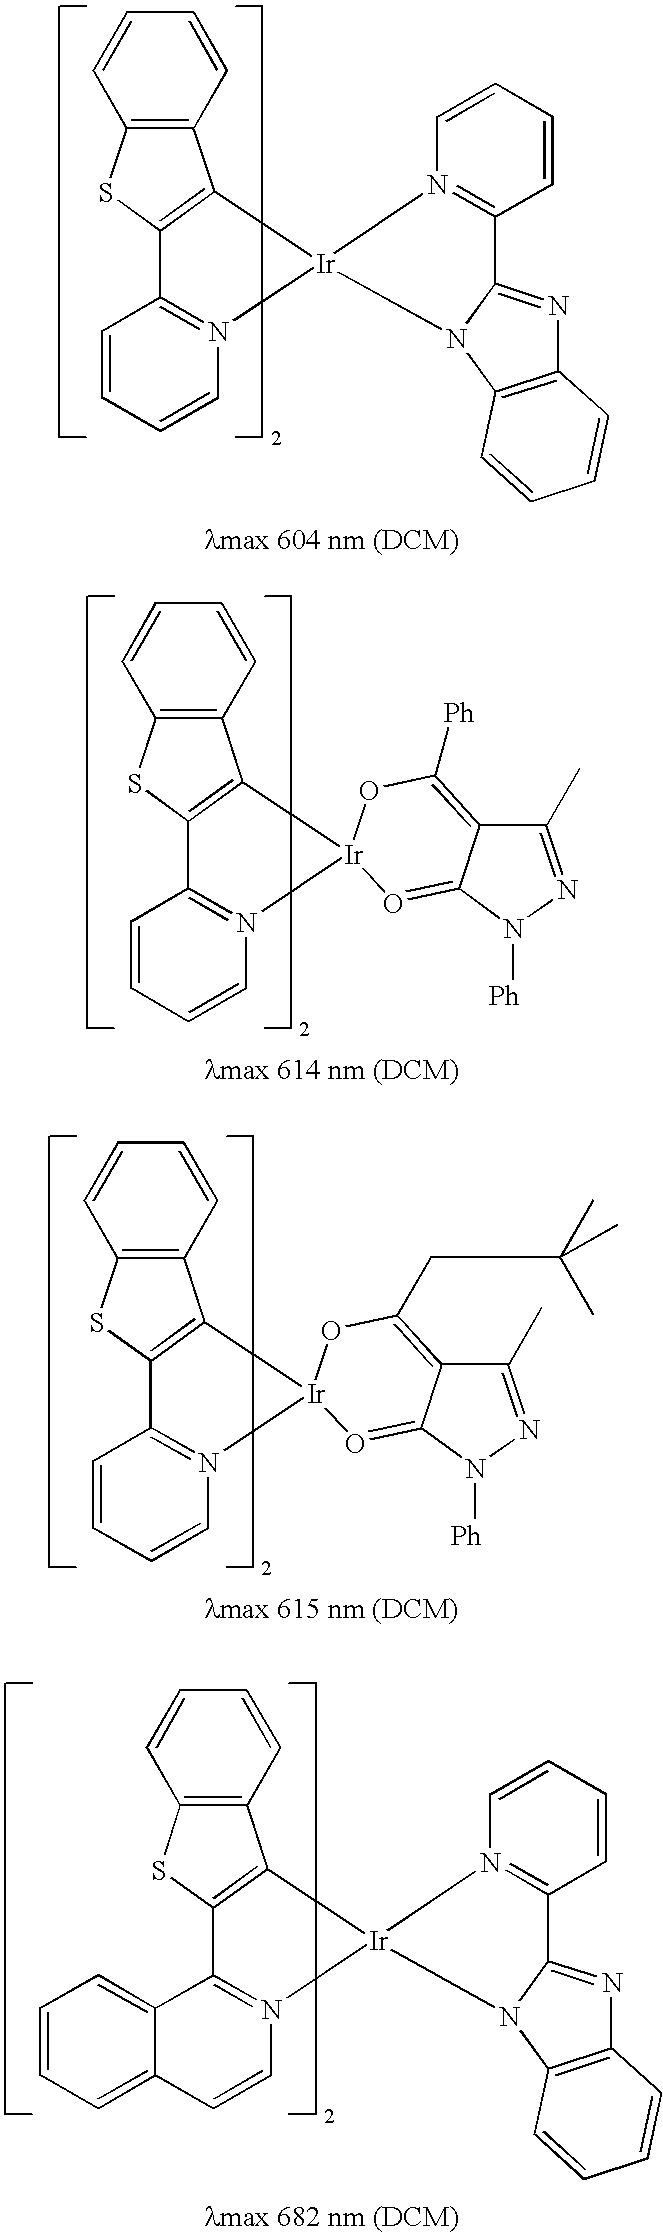 Figure US20100327264A1-20101230-C00017